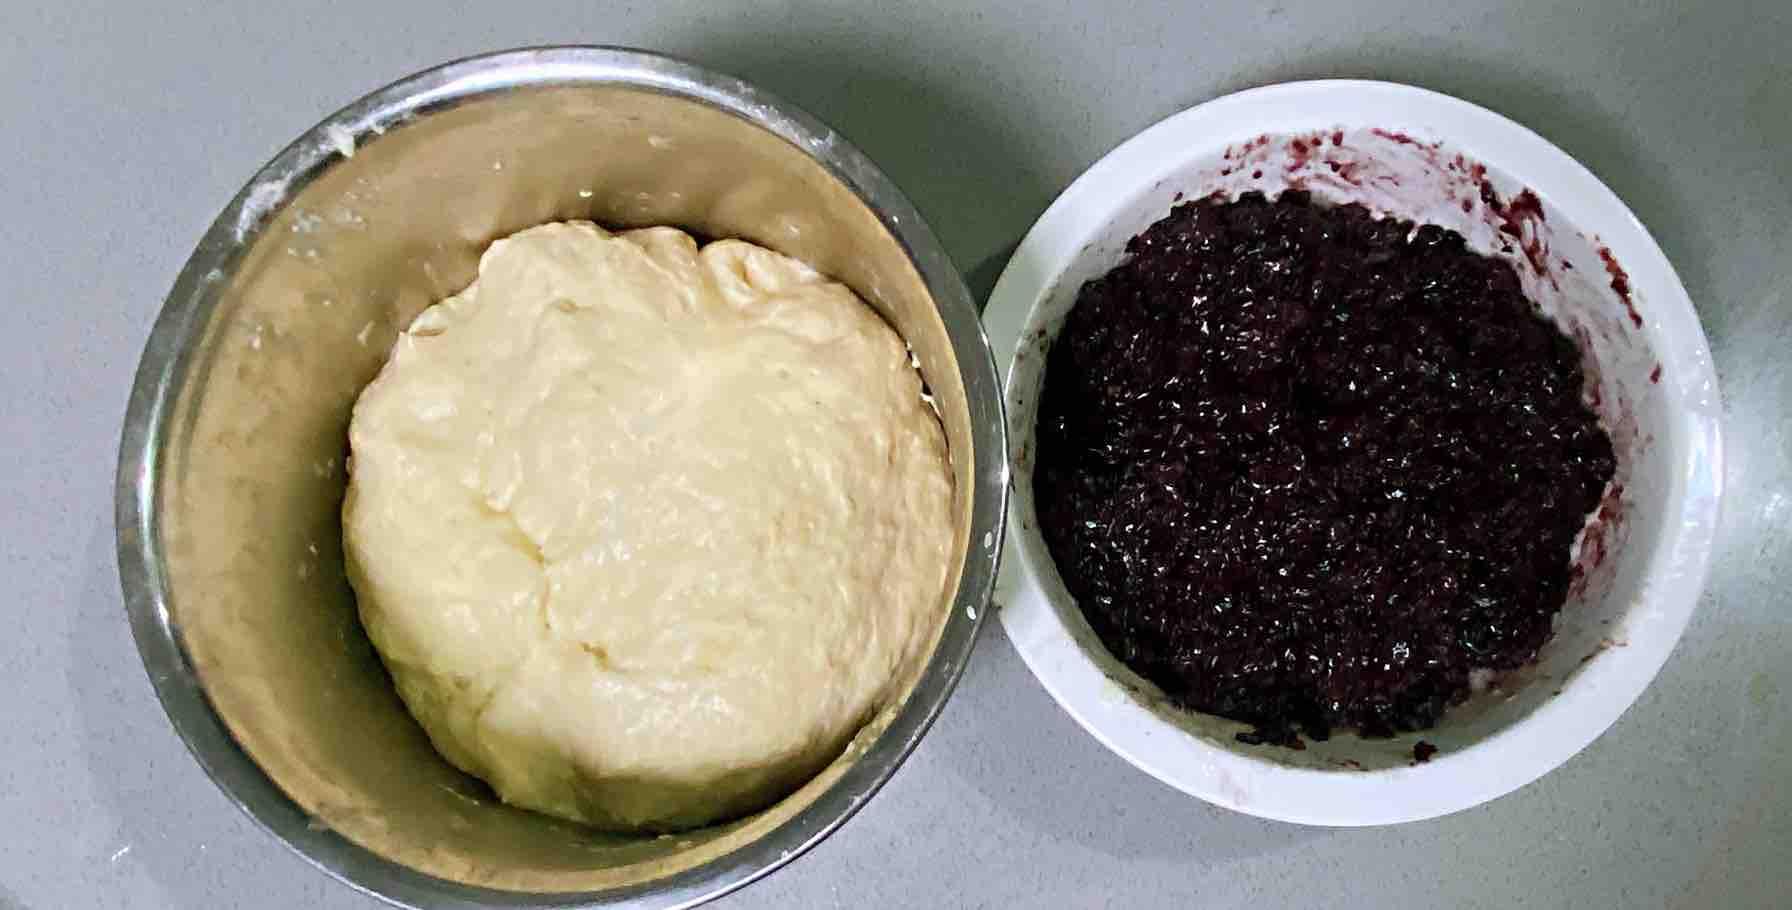 【孕妇食谱】紫米糯米饼,香甜可口,又糯又劲道~的步骤